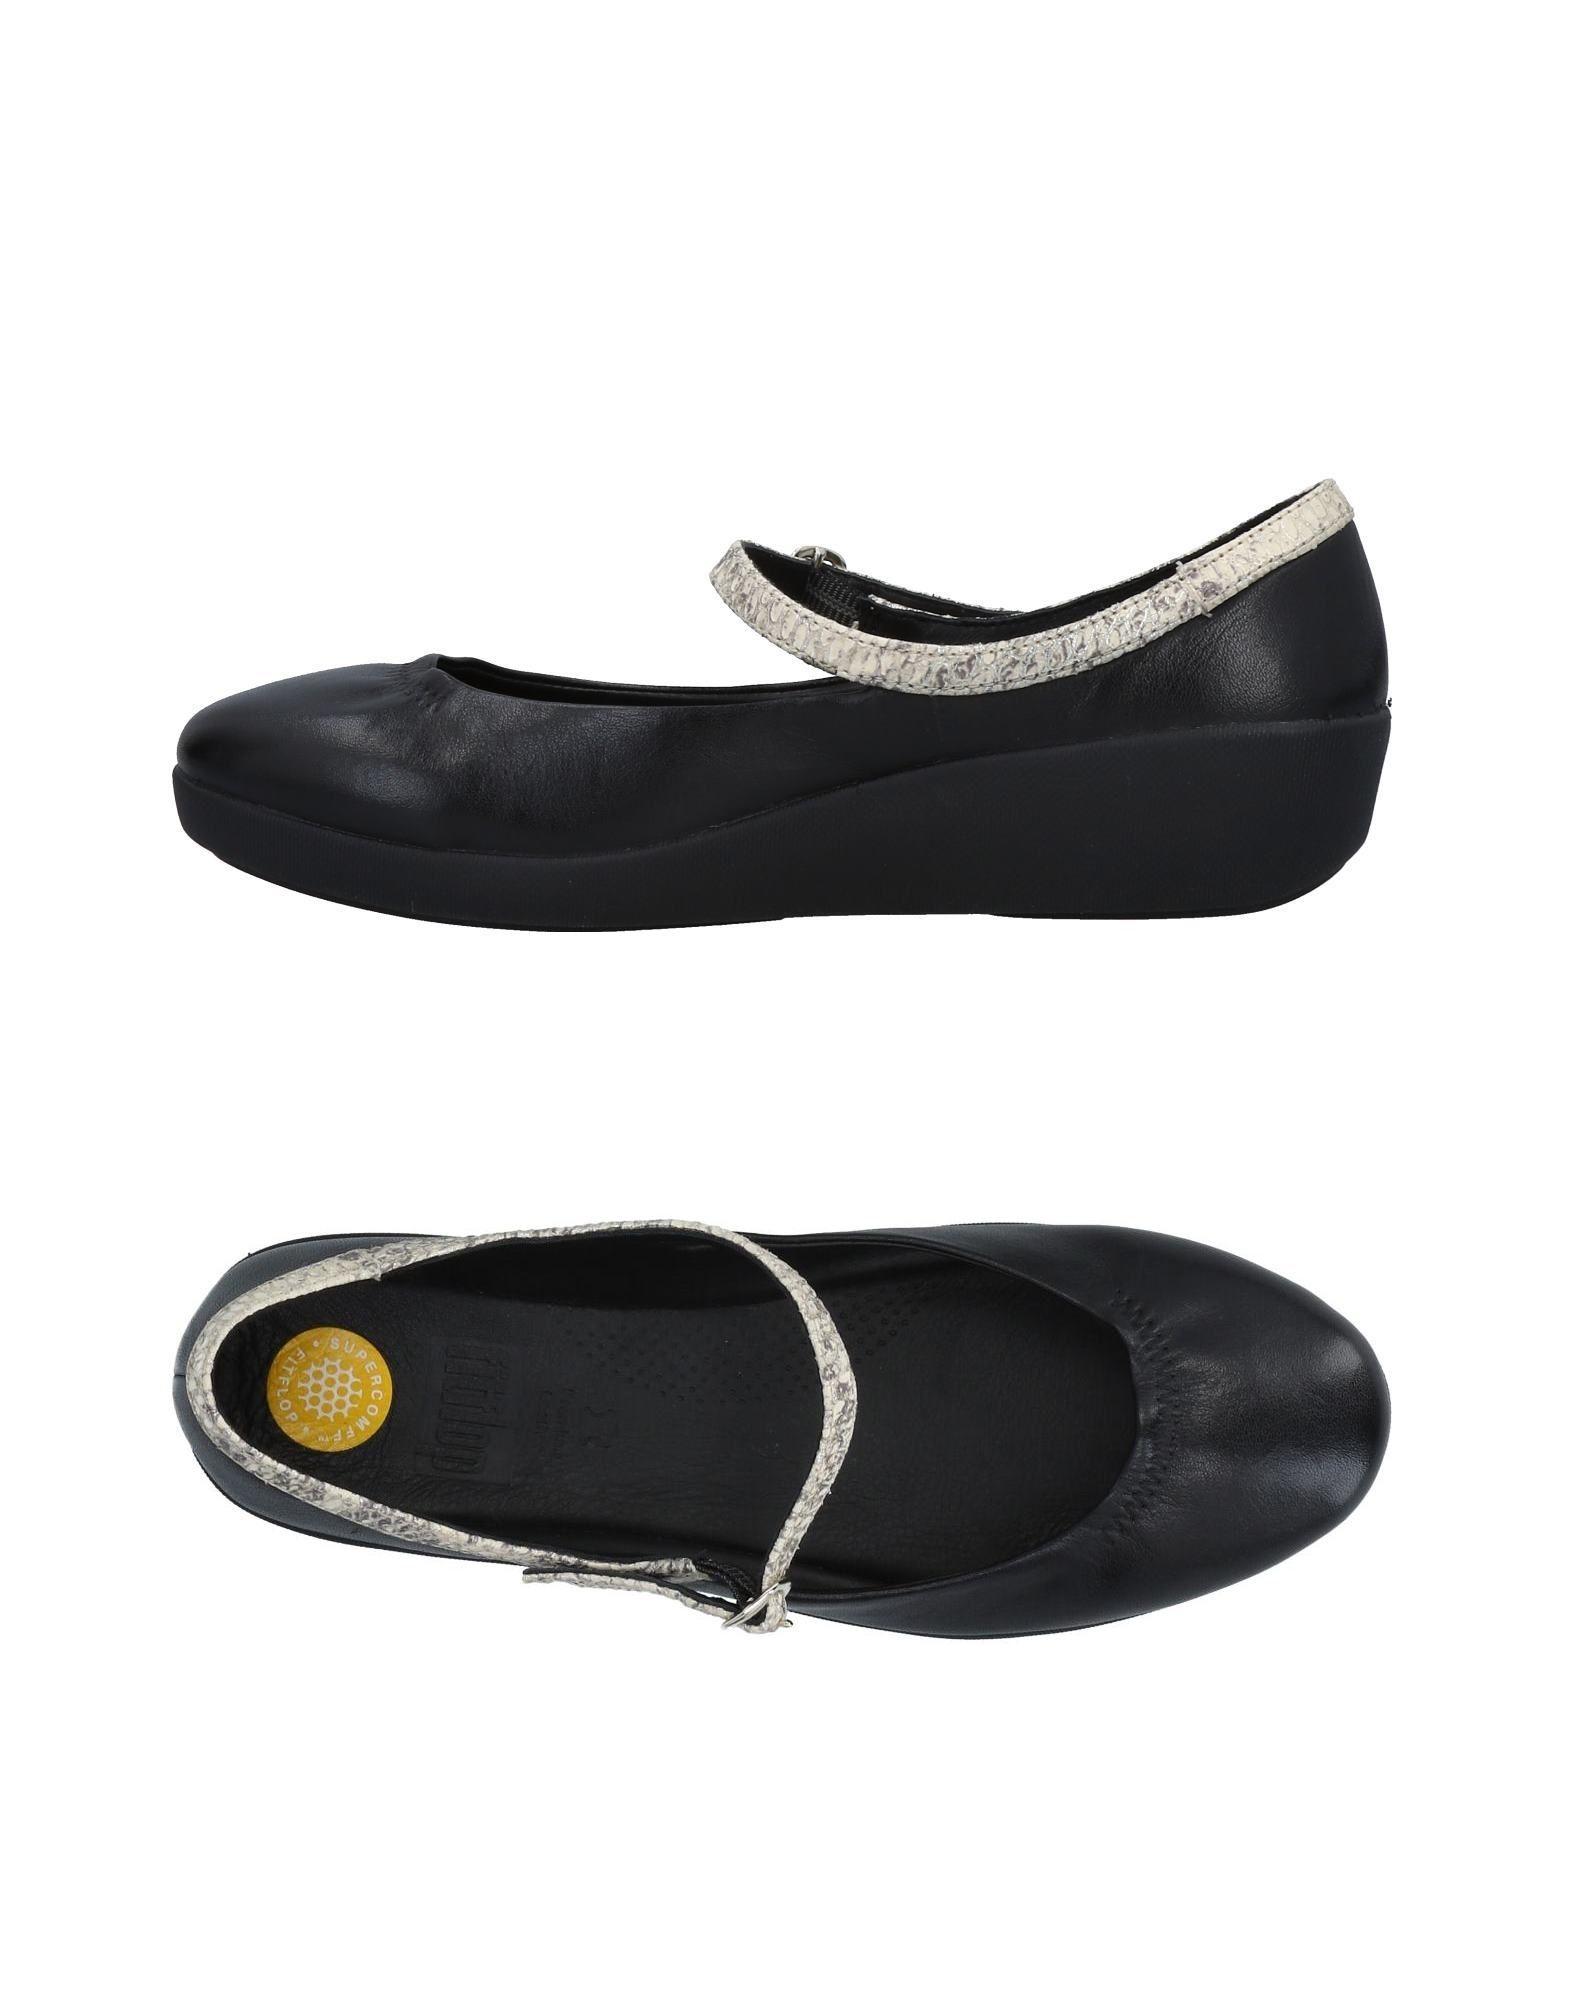 Los últimos zapatos de descuento para mujeres hombres y mujeres para Zapato De Salón Fitflop Mujer - Salones Fitflop  Negro 751516